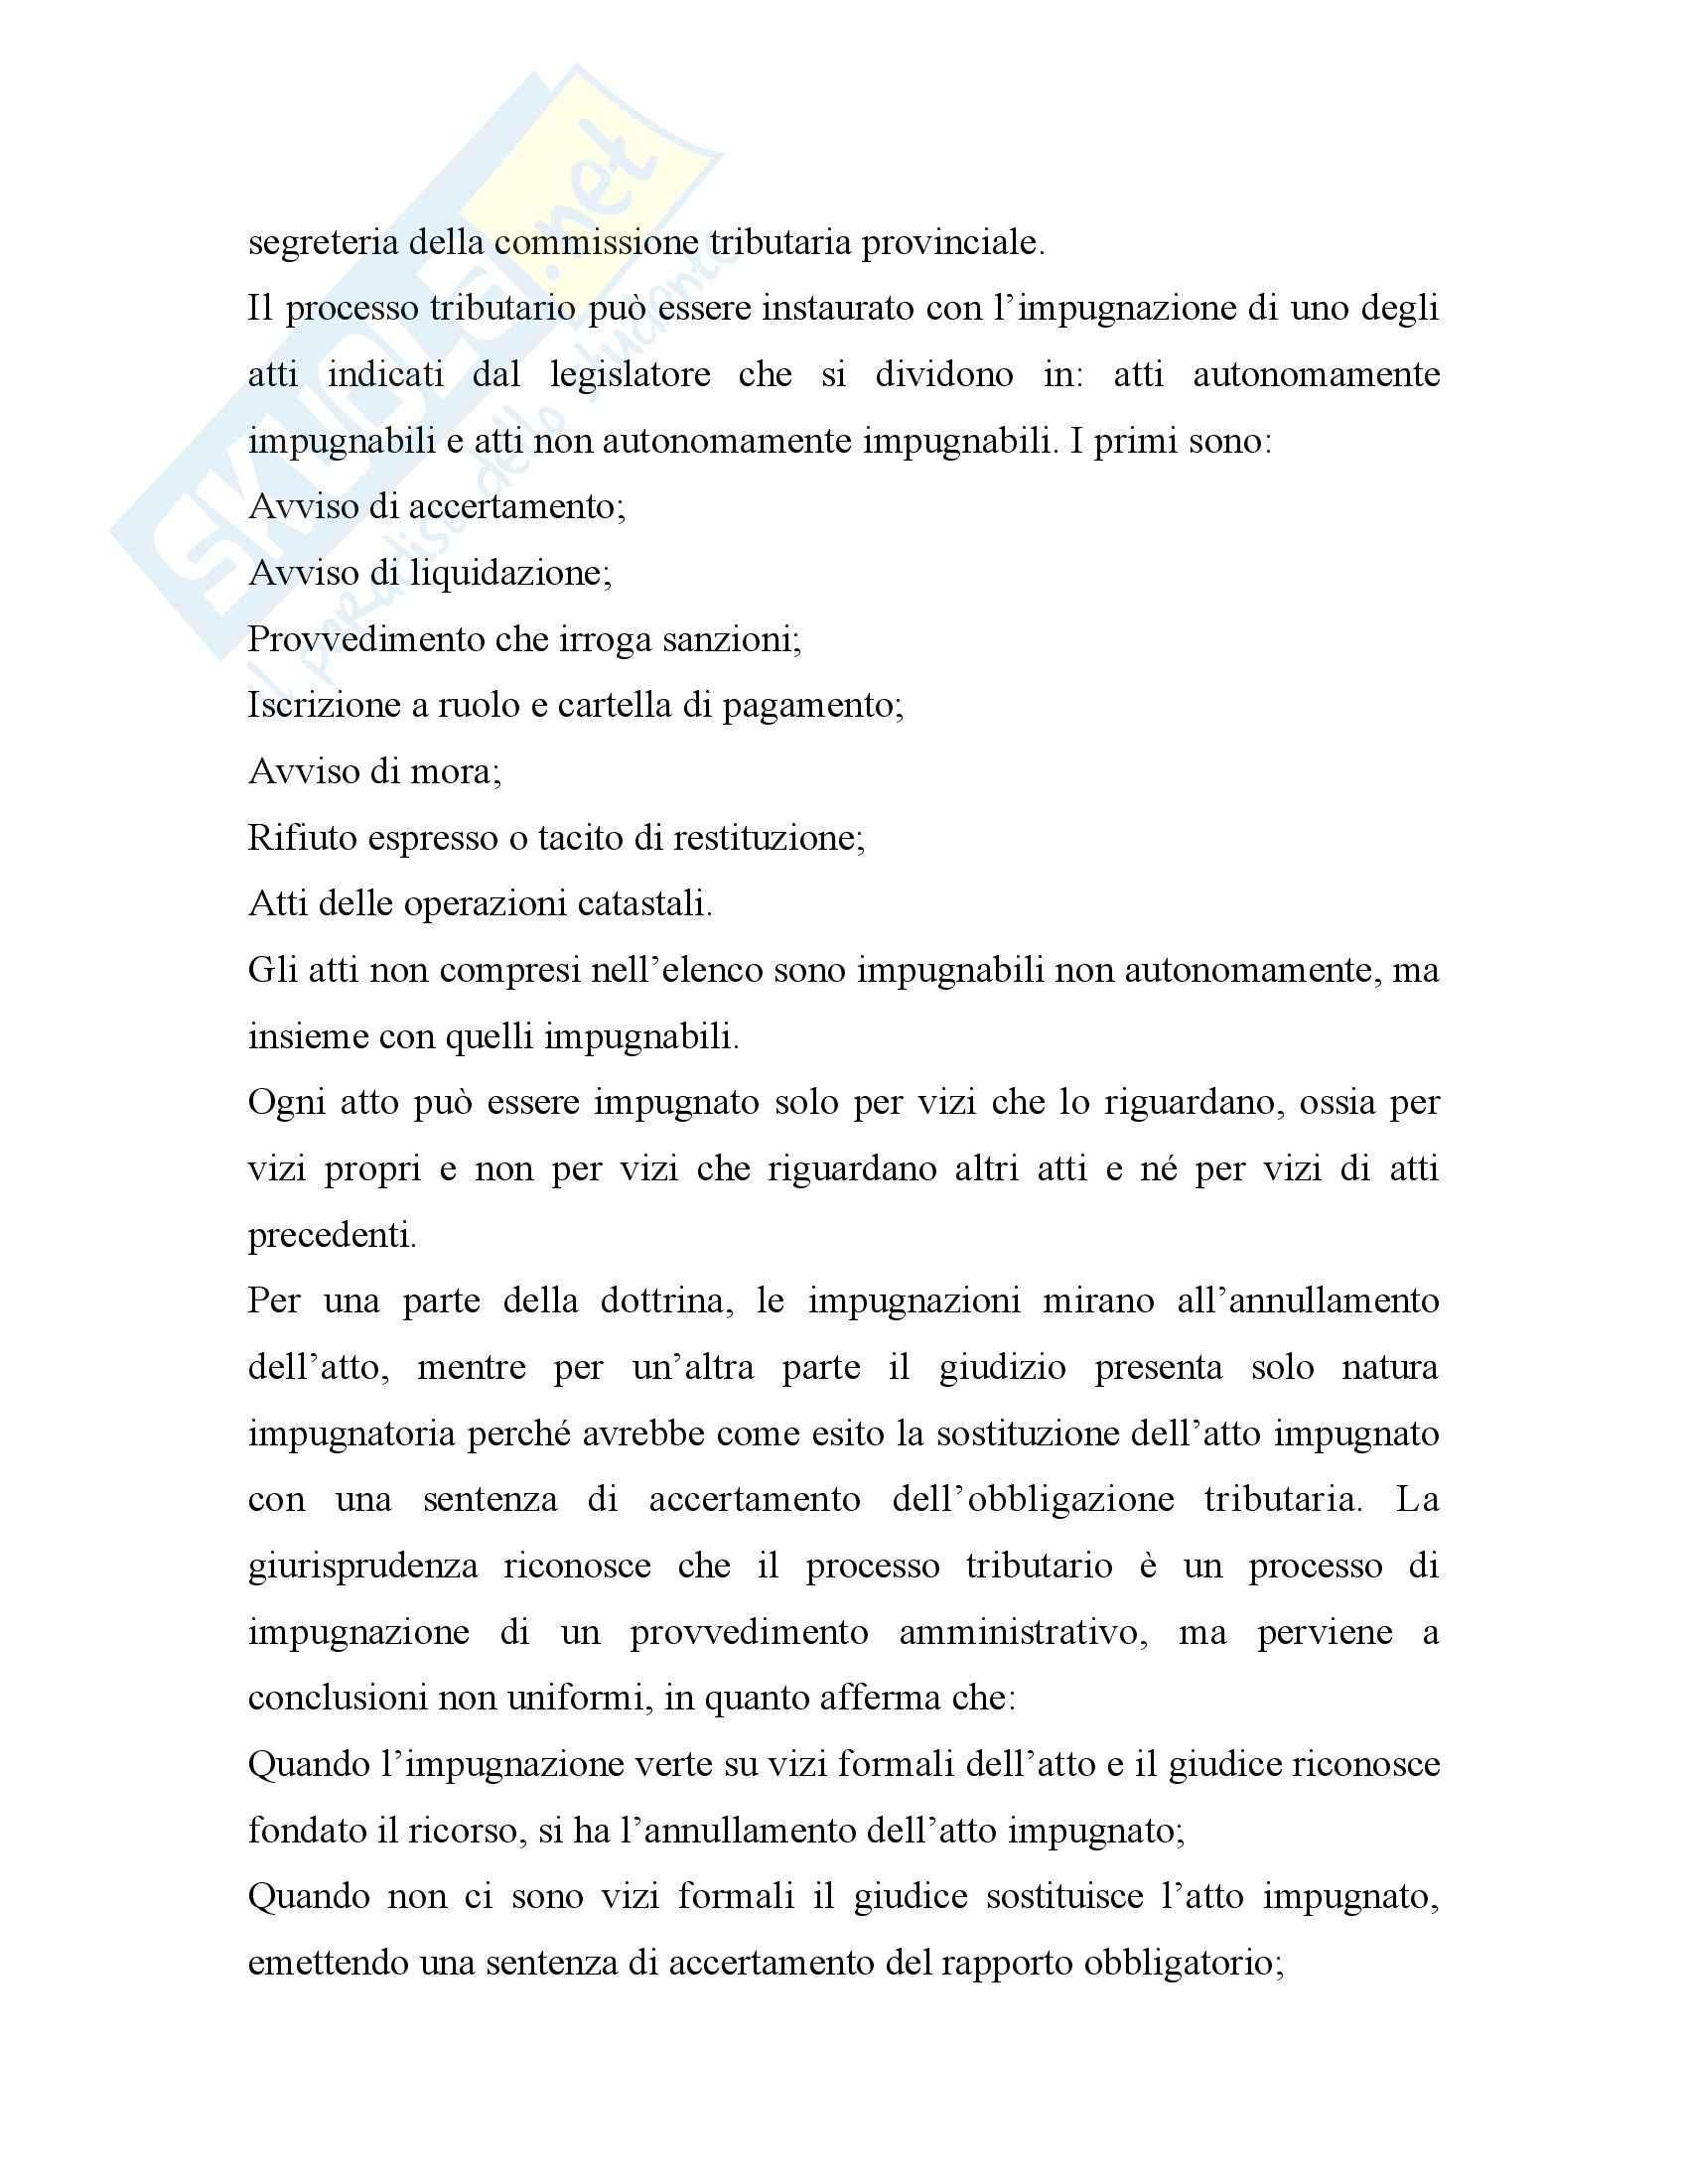 Diritto tributario - processo tributario - Tesauro - Appunti Pag. 6